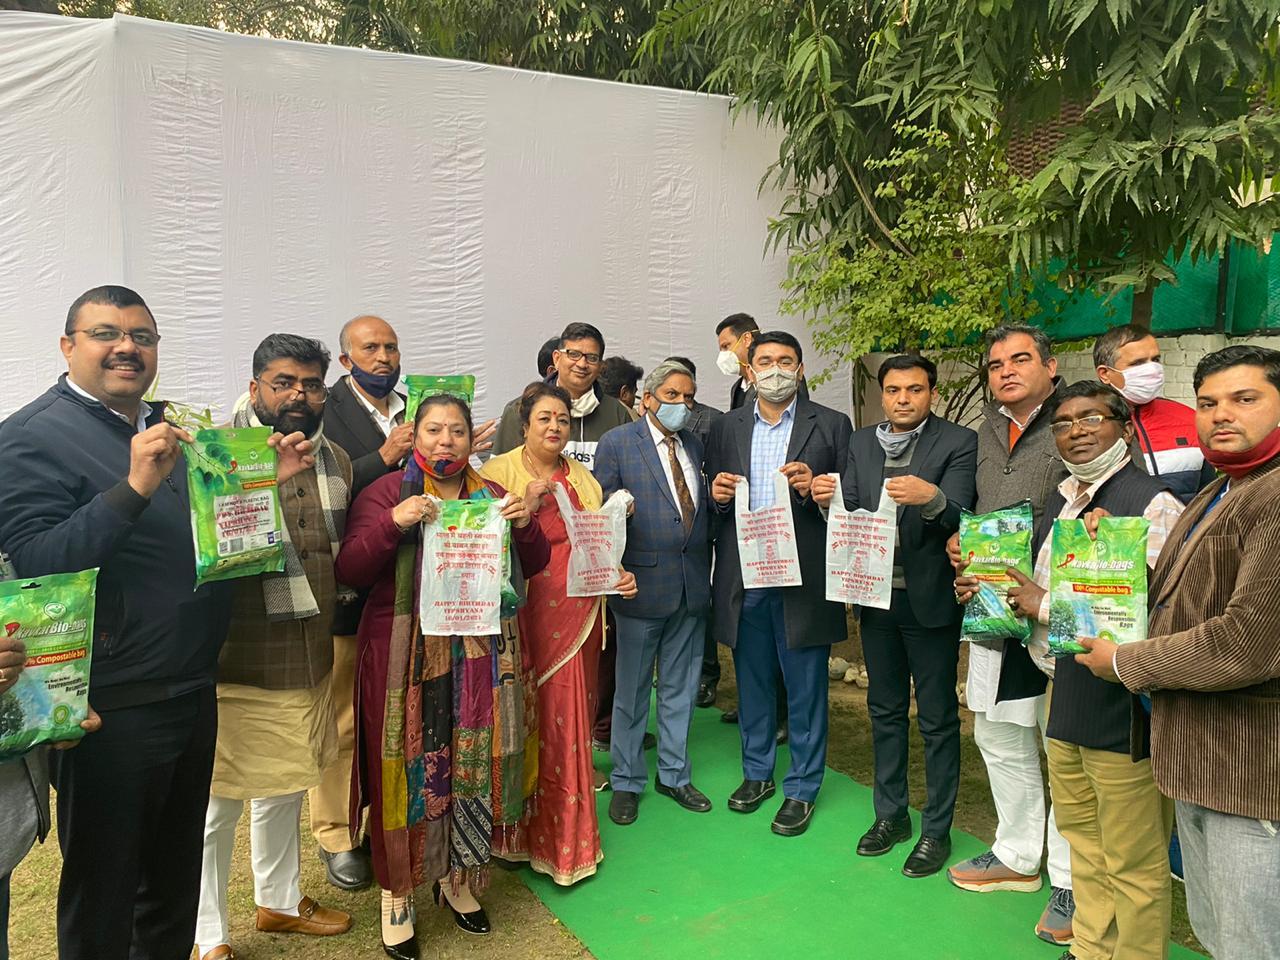 संयुक्त आयुक्त धीरज कुमार ने बेटी के जन्मदिन को स्वच्छता दिवस के रूप में मनाया